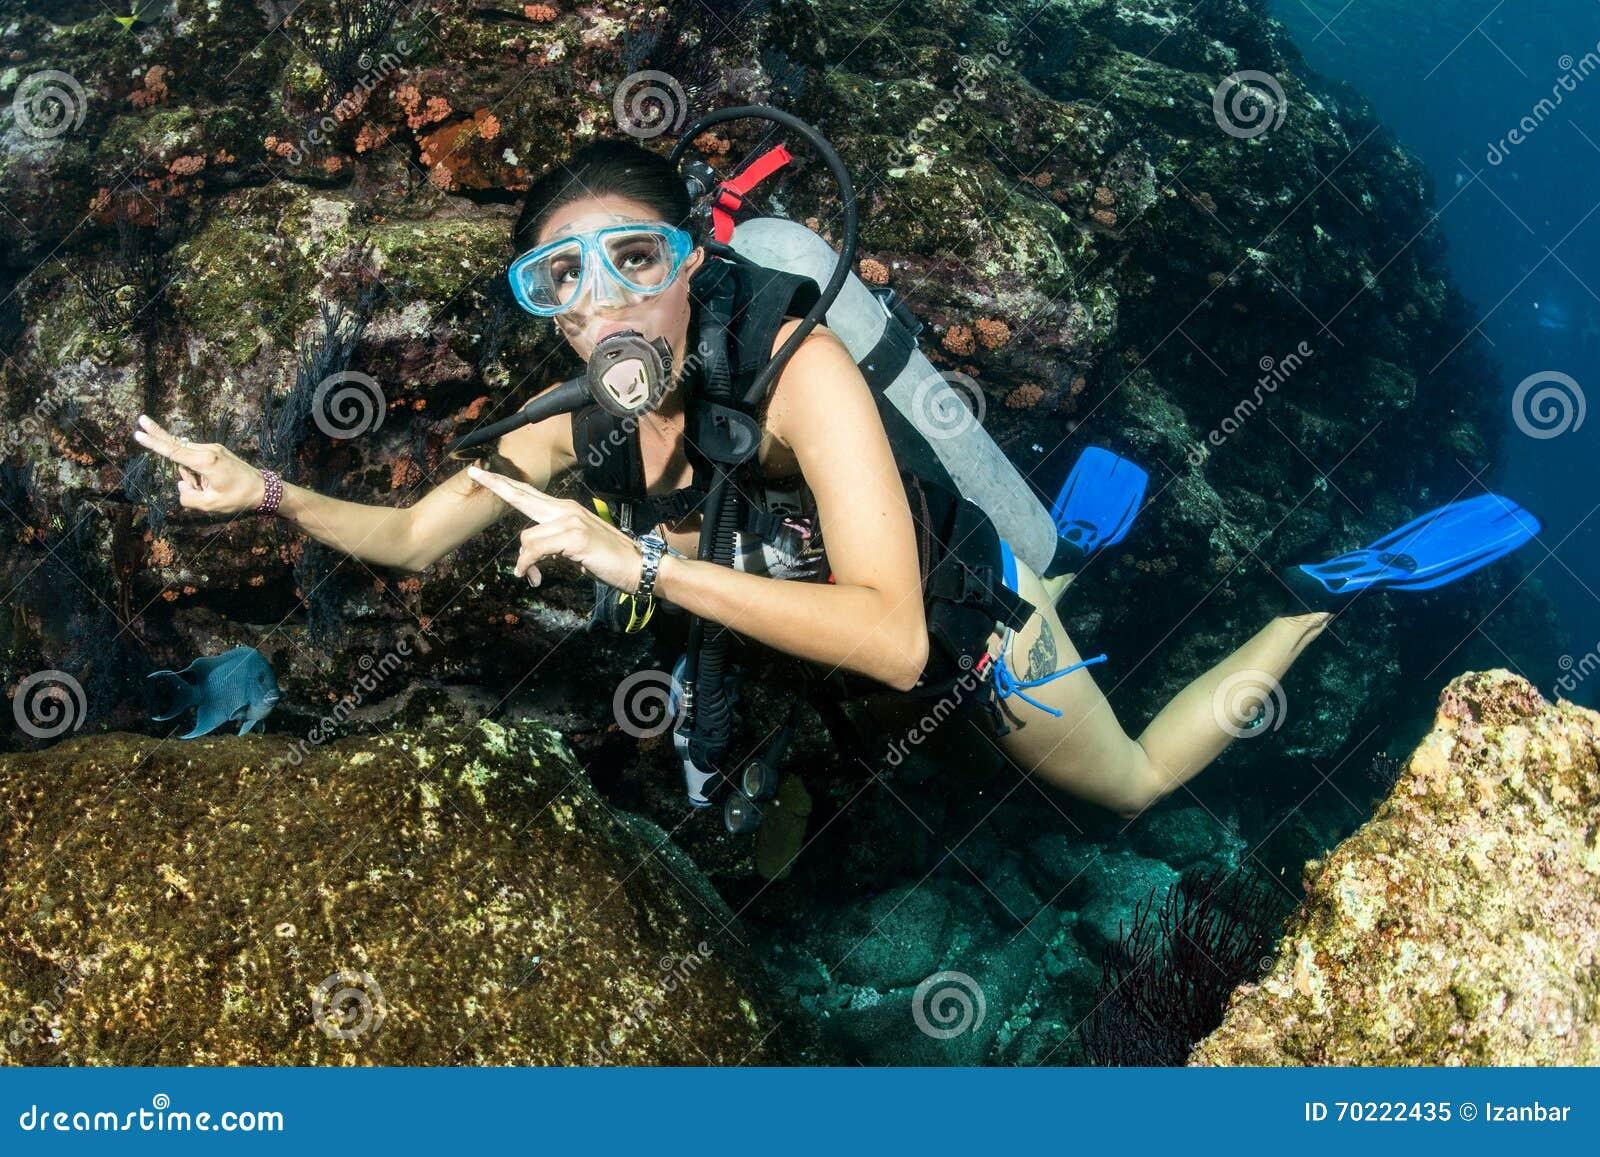 Beautiful Latina Scuba Diver Girl Stock Photo - Image: 70222435